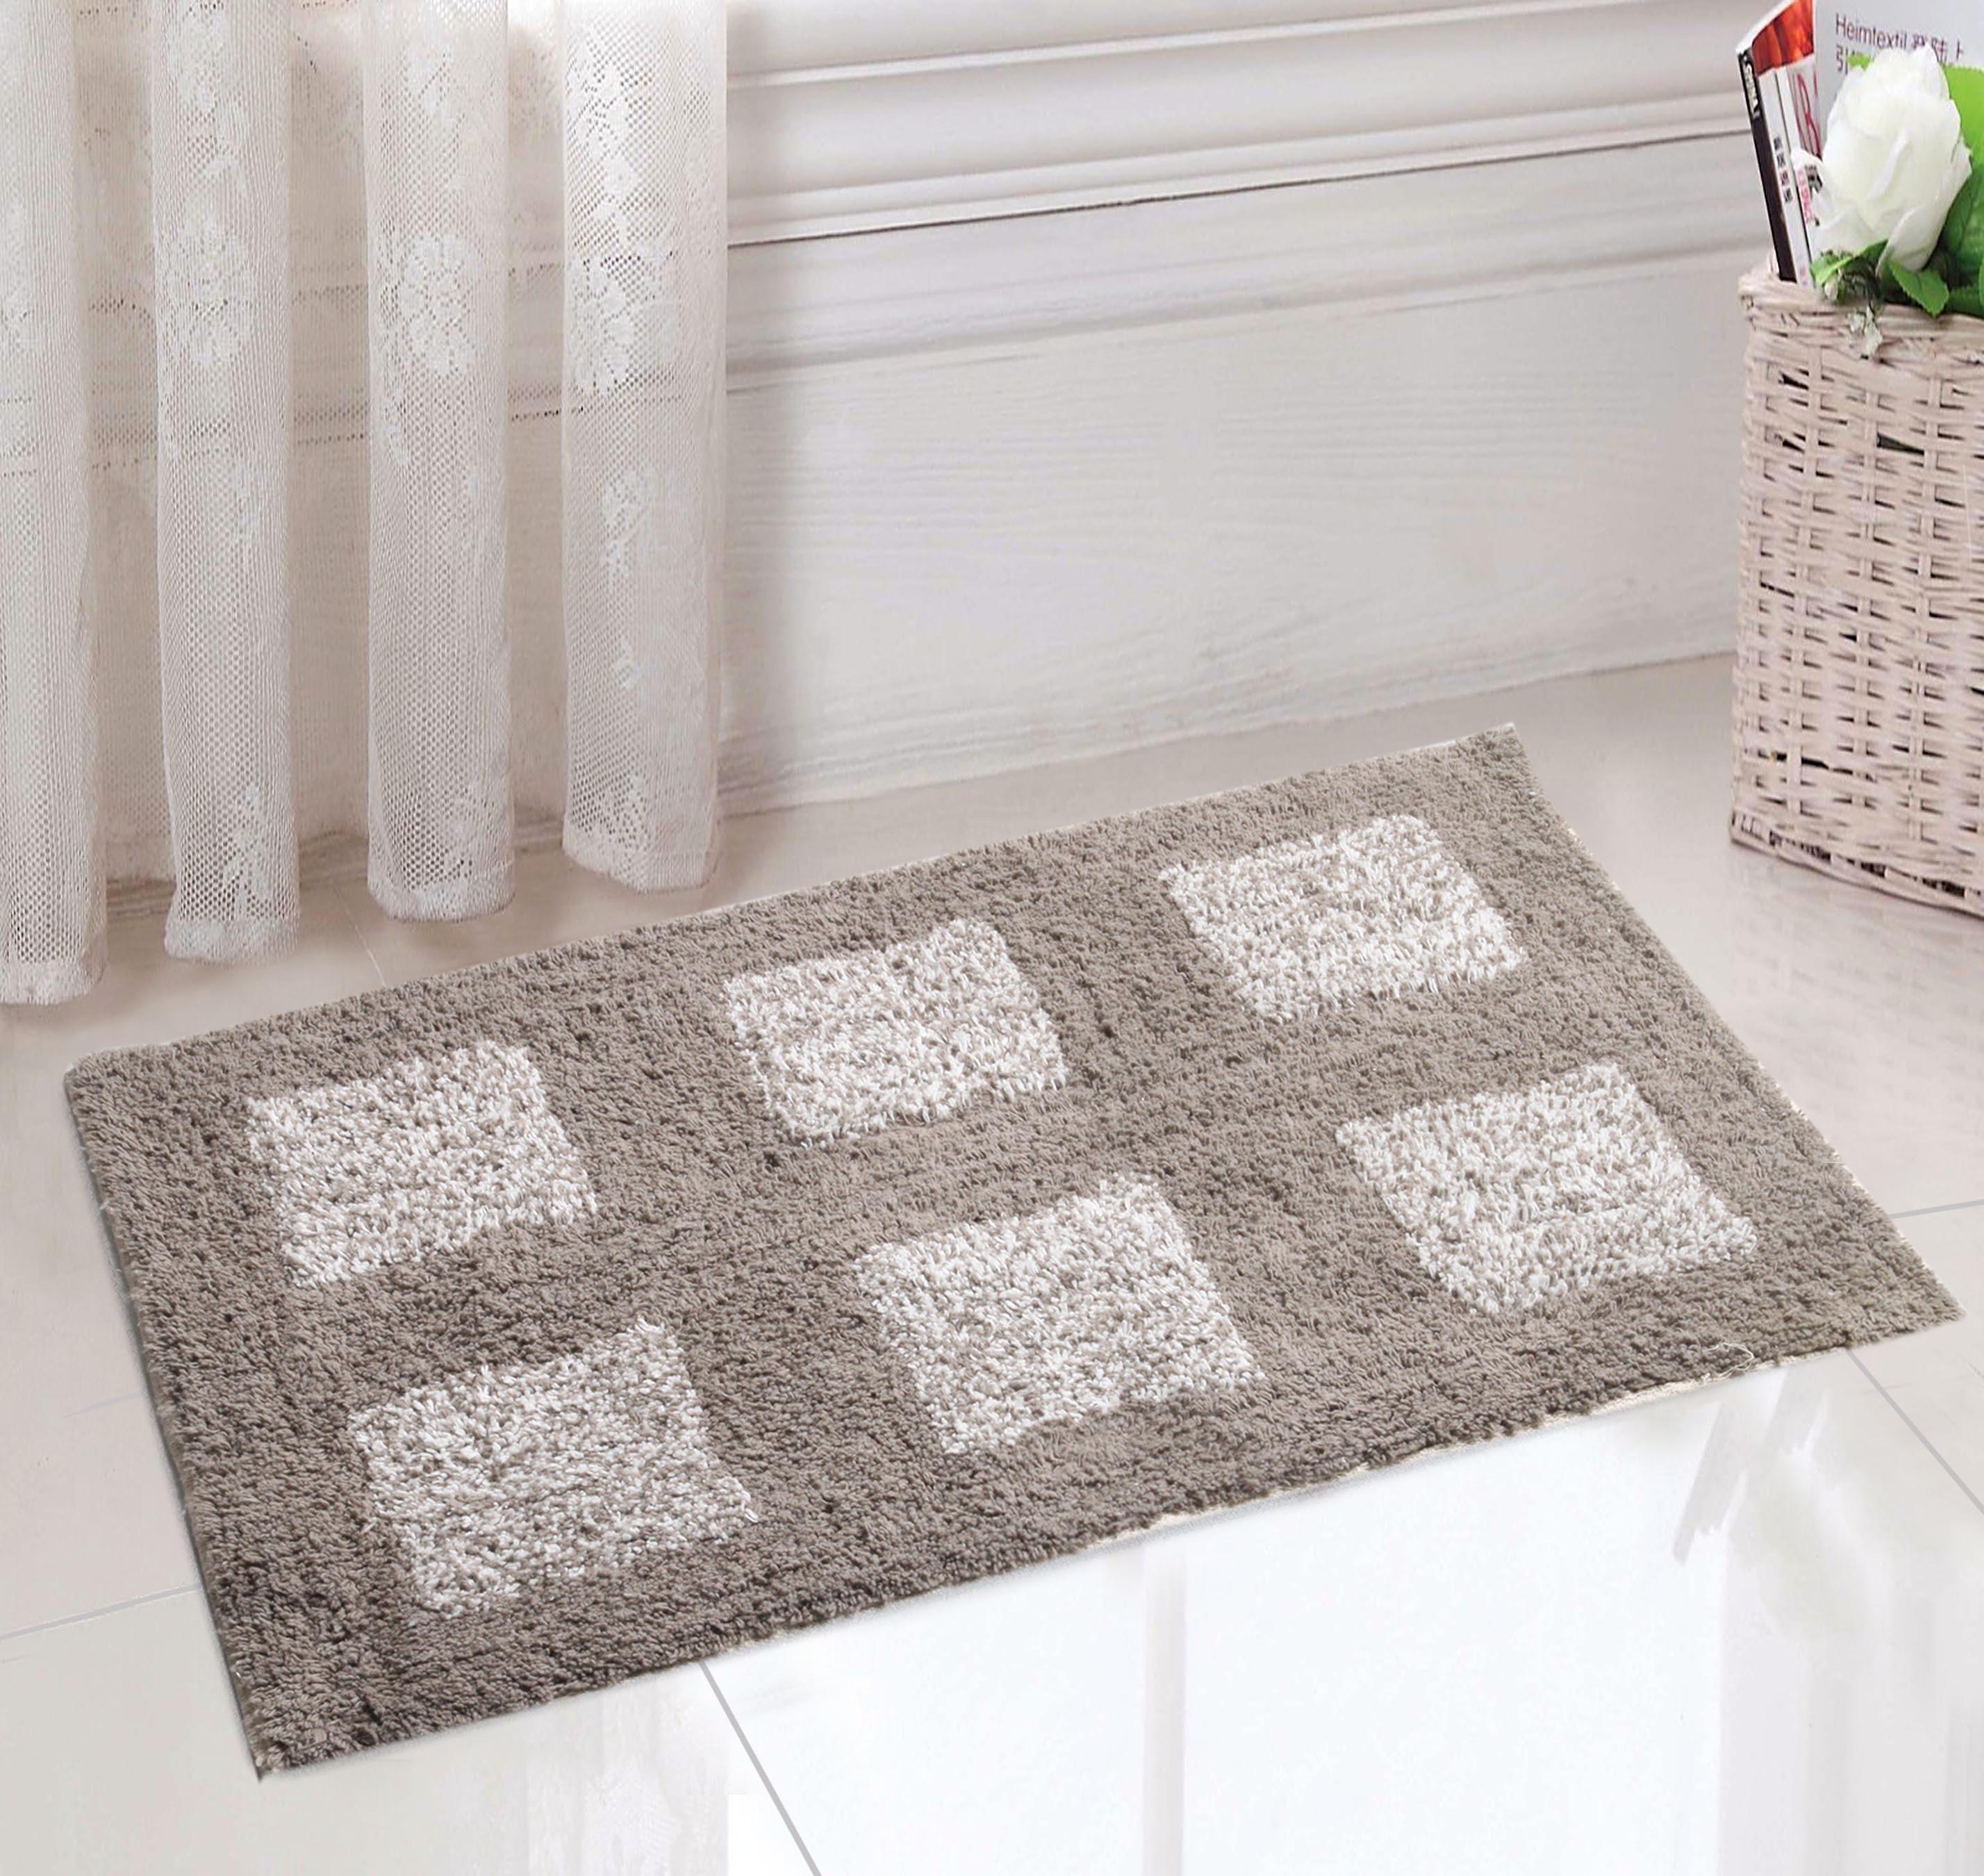 Saral Home Cotton Small Bath Mat Bathmat